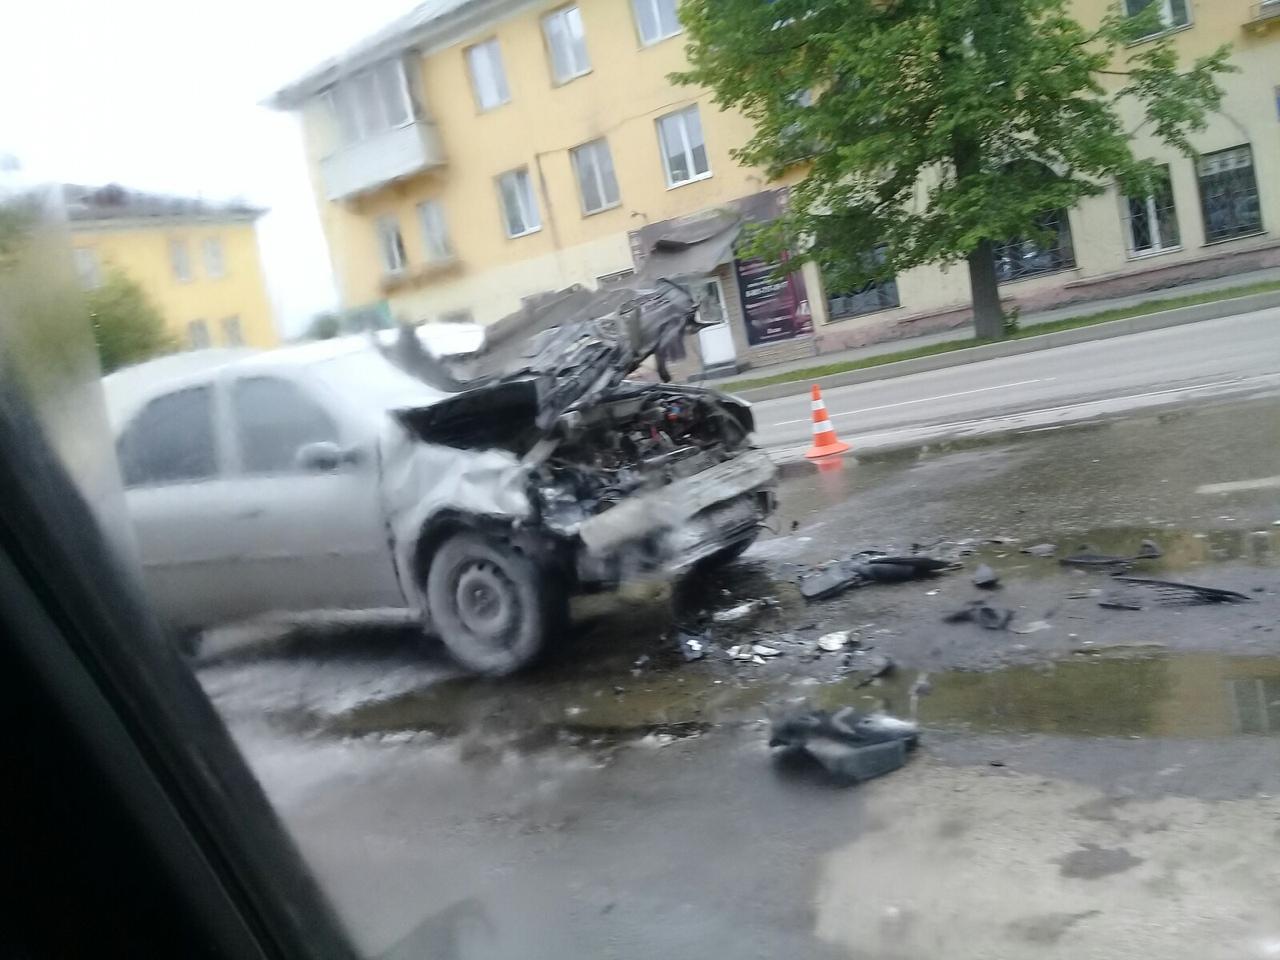 gvvztEWQ 6I - В Белово столкнулись городской автобус и легковой автомобиль. Авария произошла